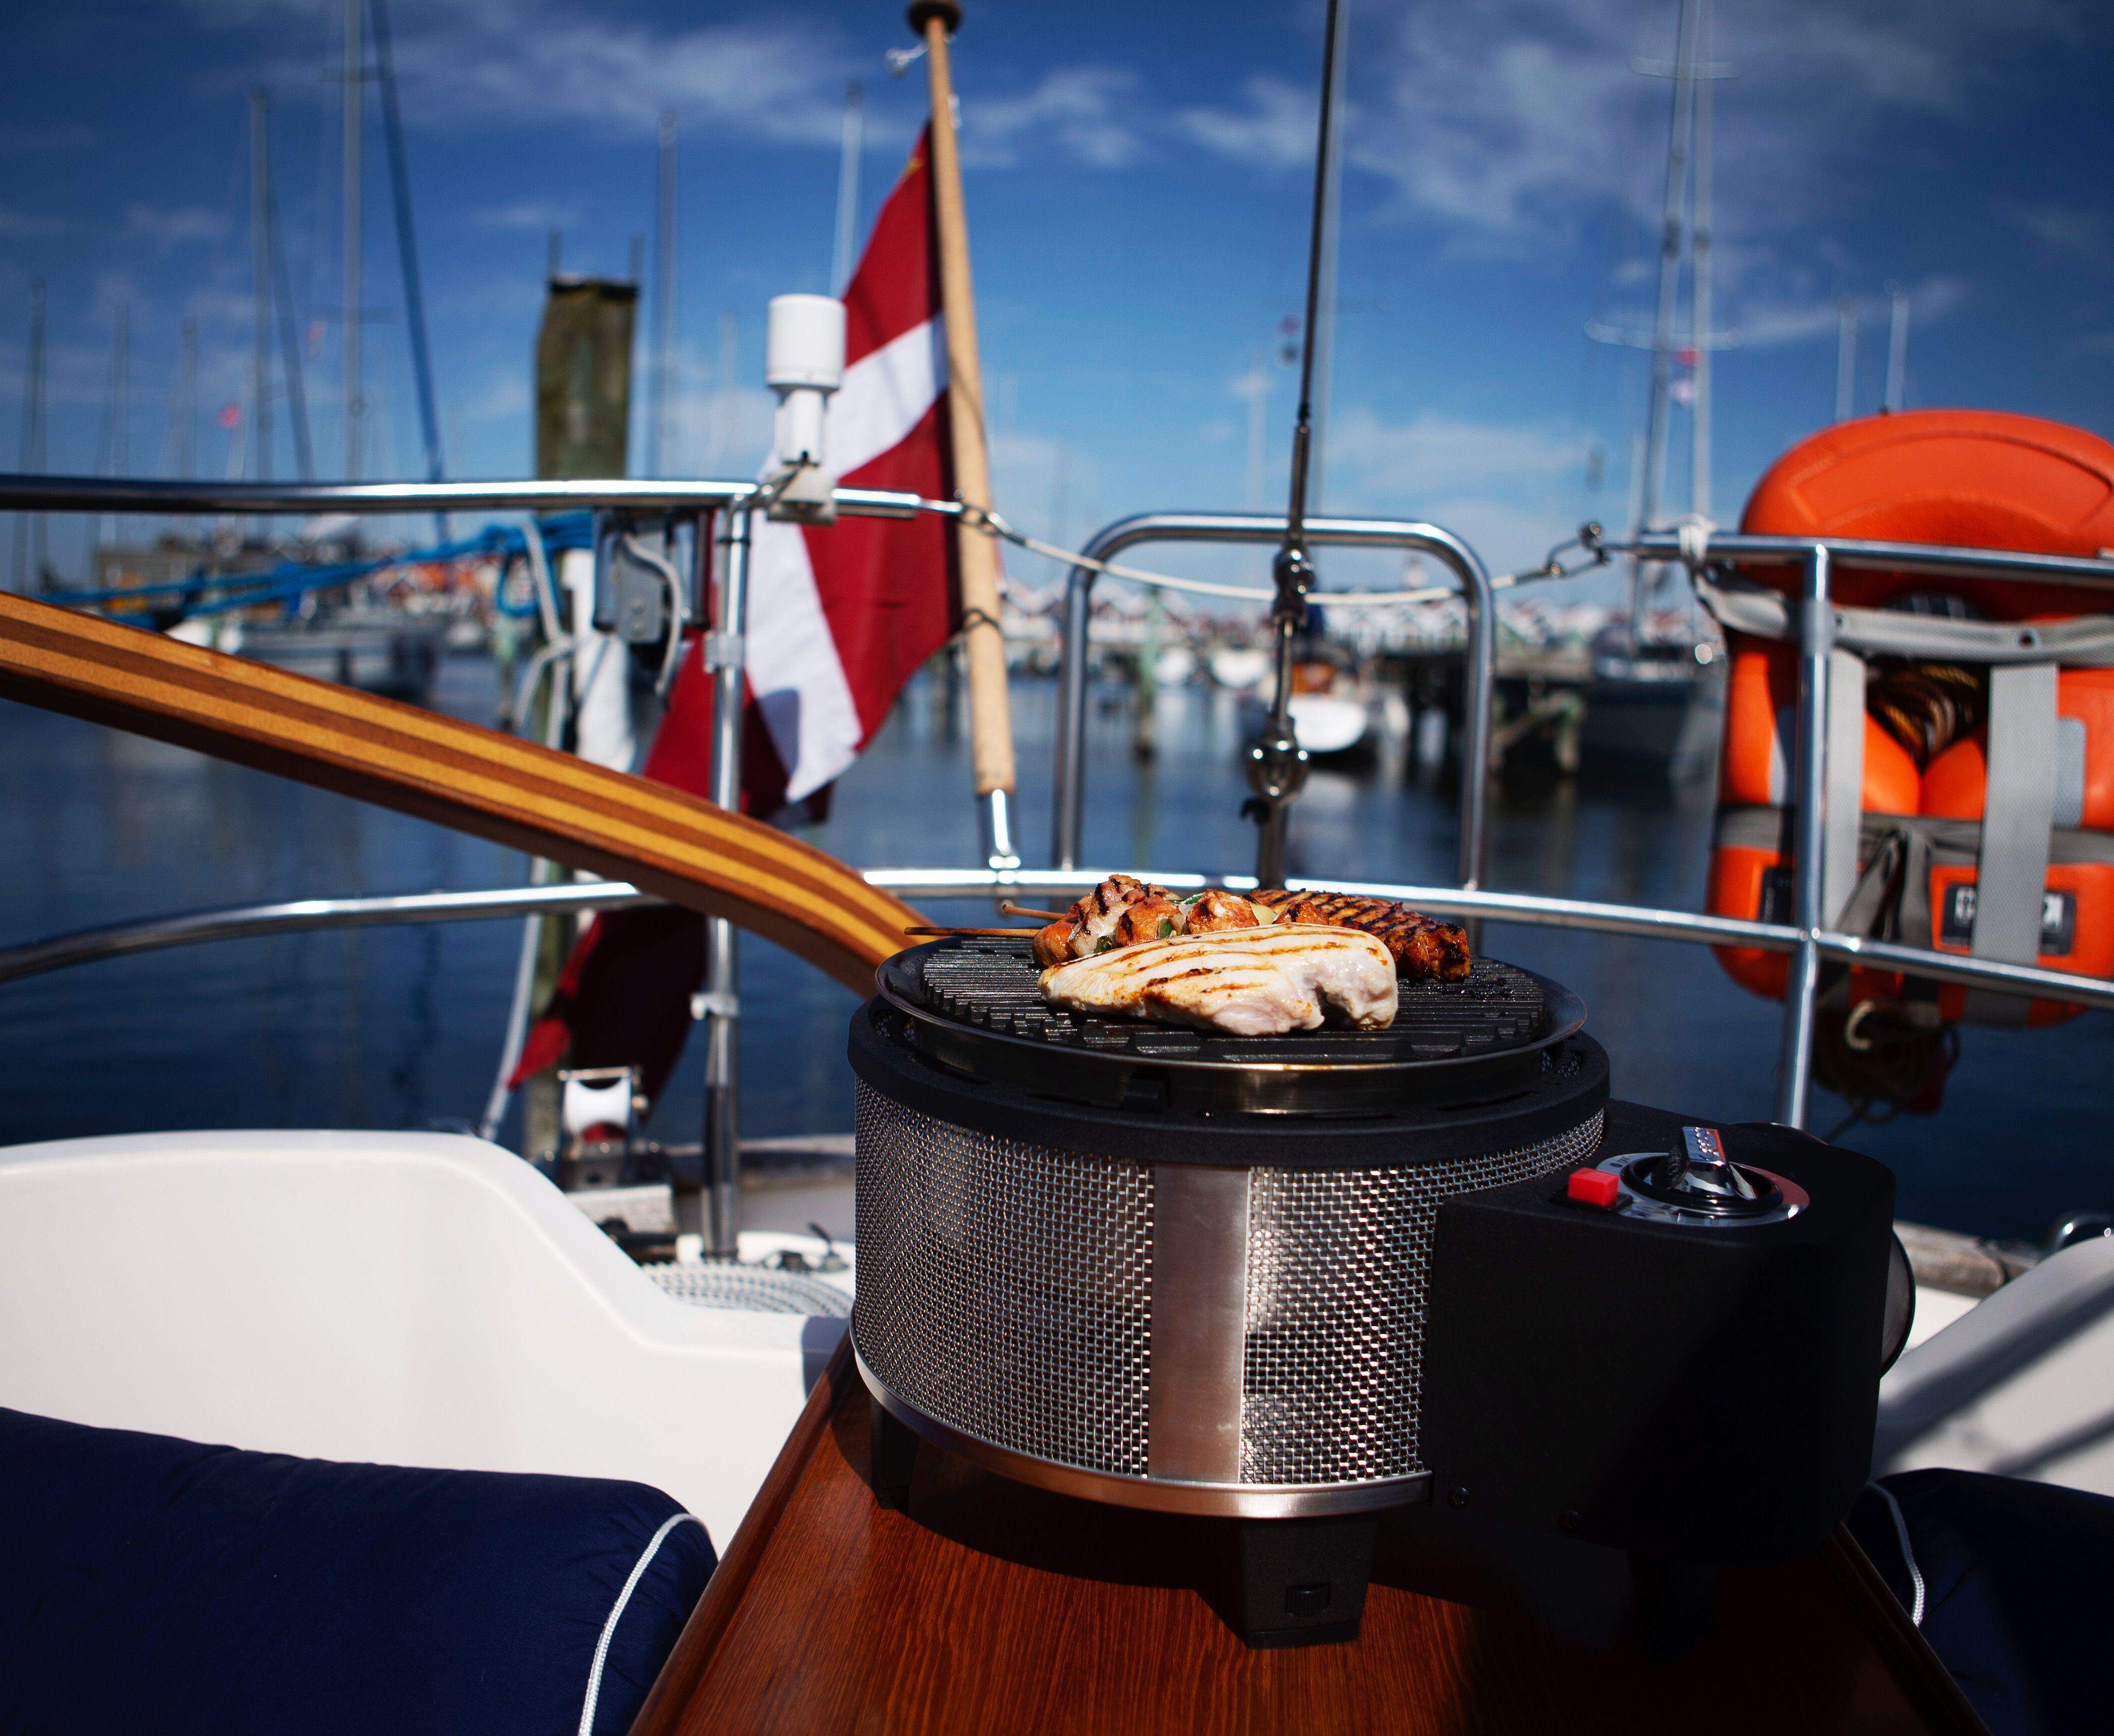 Barbecue at sea